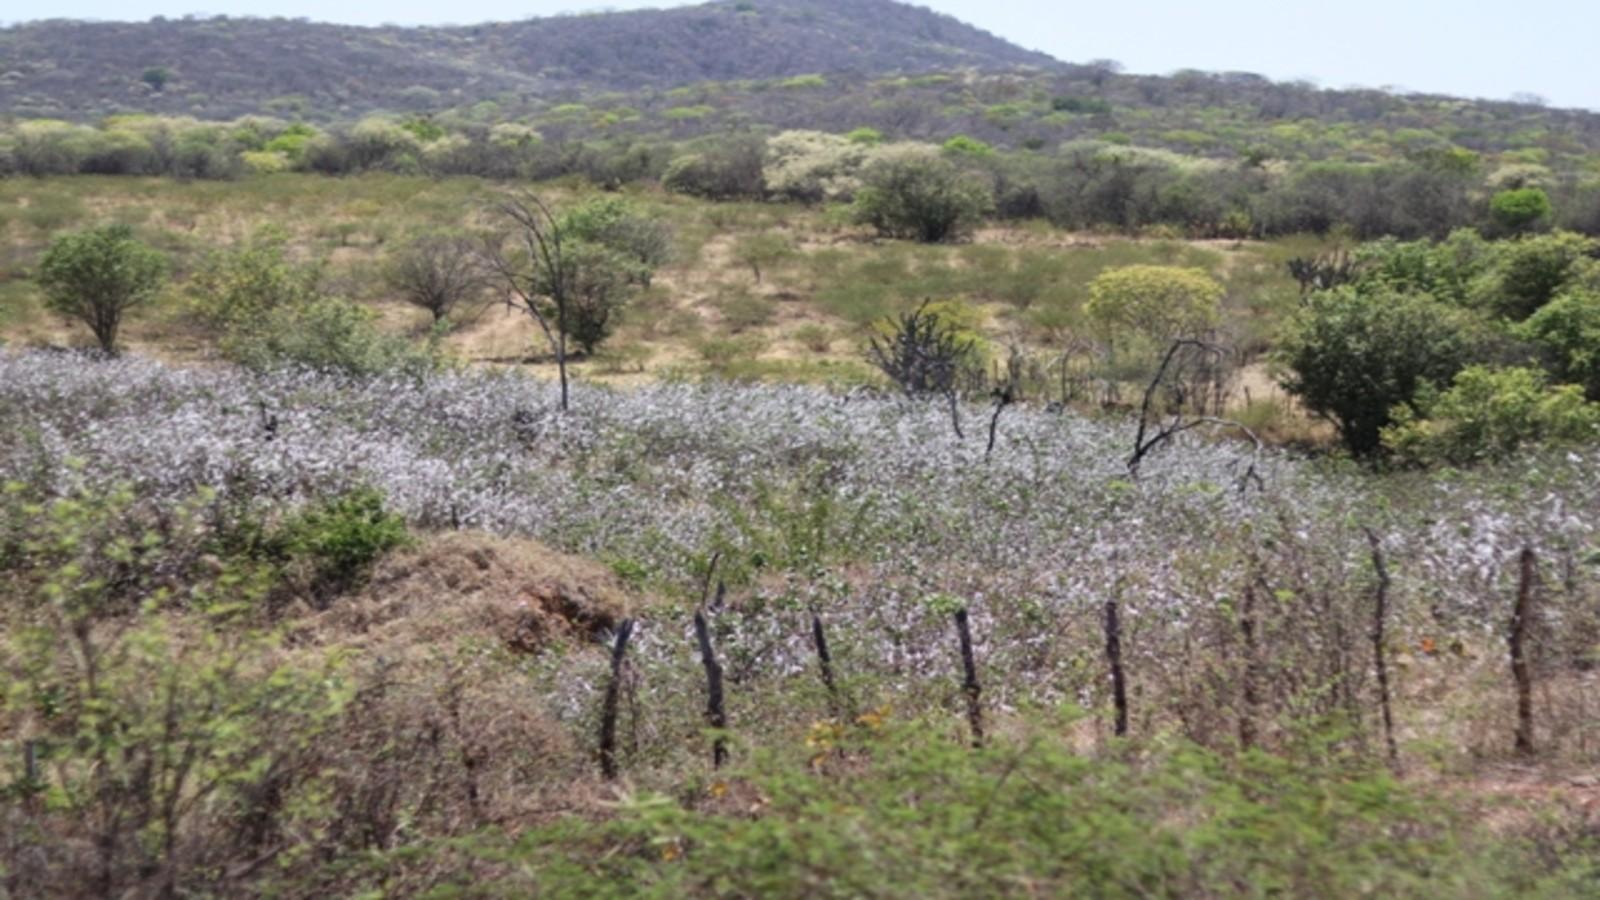 Algodão agroecológico fortalece renda de famílias agricultoras de Serra Talhada - Notícias - Plantão Diário